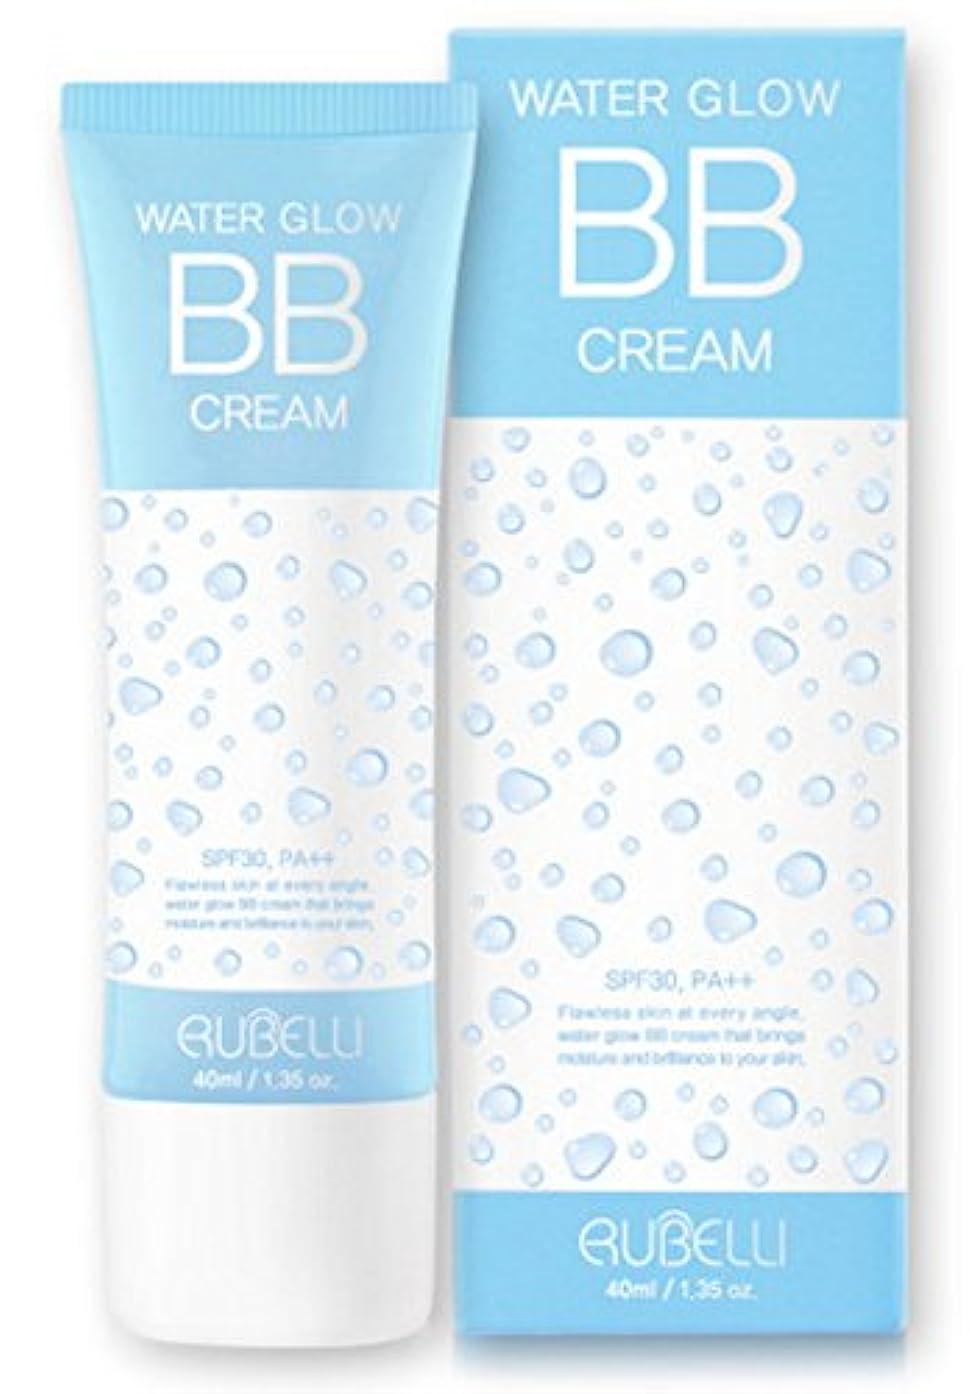 冒険比率アラート[ルーバレー] Rubelli 水グローBBクリーム Water Glow BB Cream 40ml SPF30 PA++ [並行輸入品]